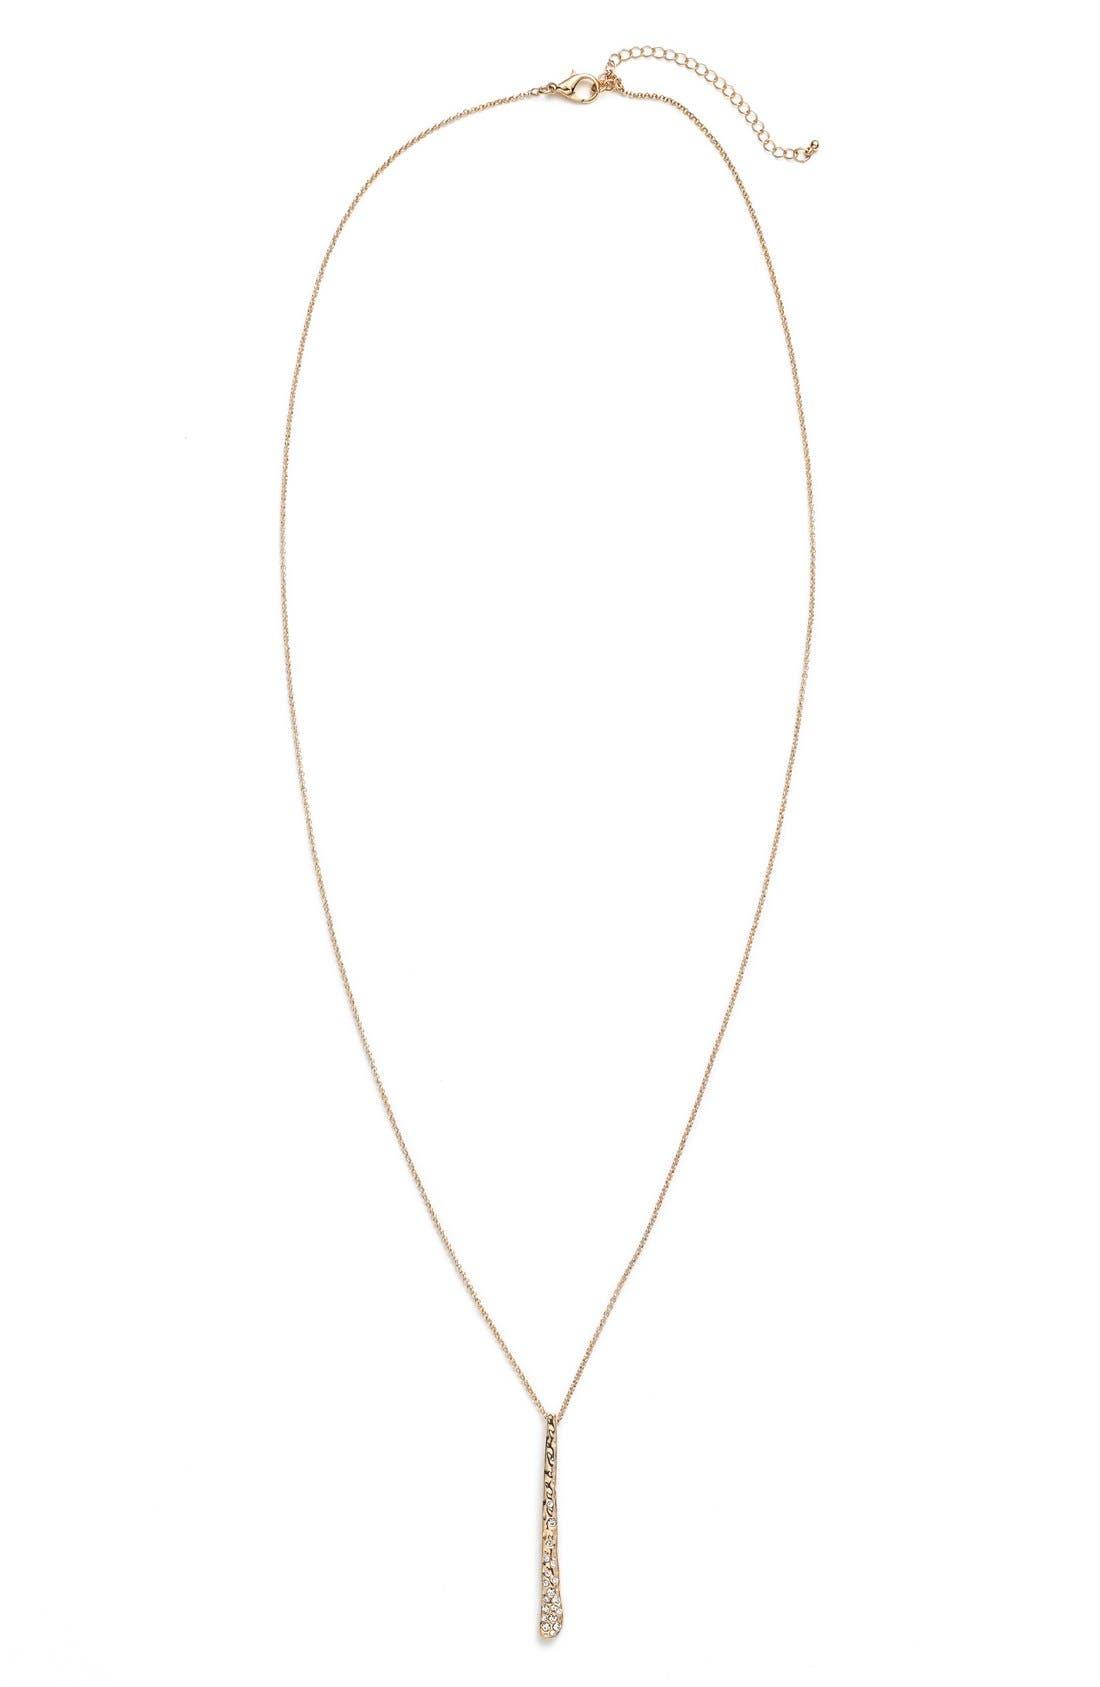 Main Image - BP. Rhinestone Hammered Bar Pendant Necklace